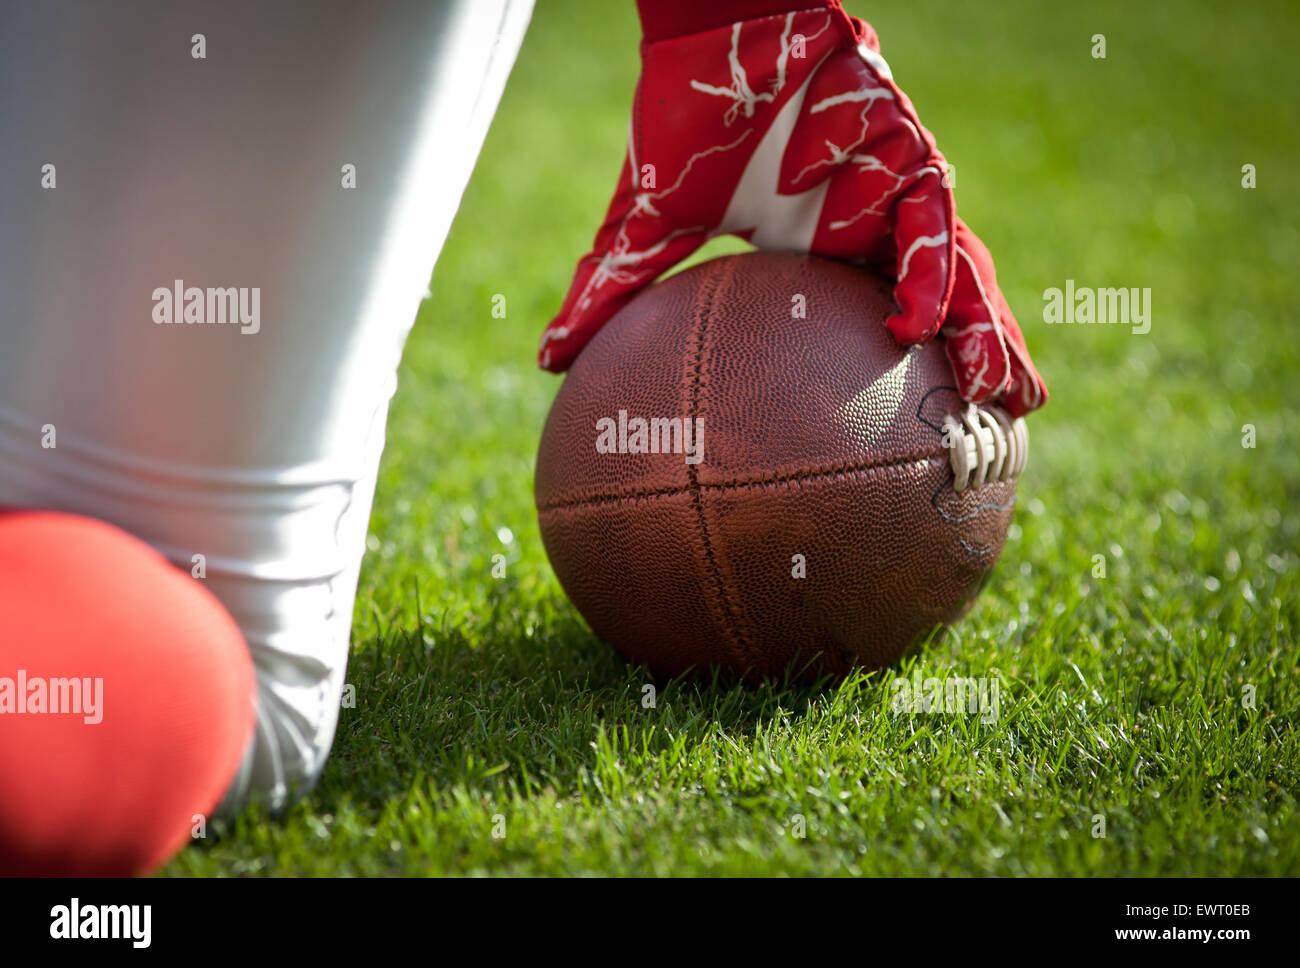 Juego de fútbol americano - DEPORTE CONCEPTO Imagen De Stock